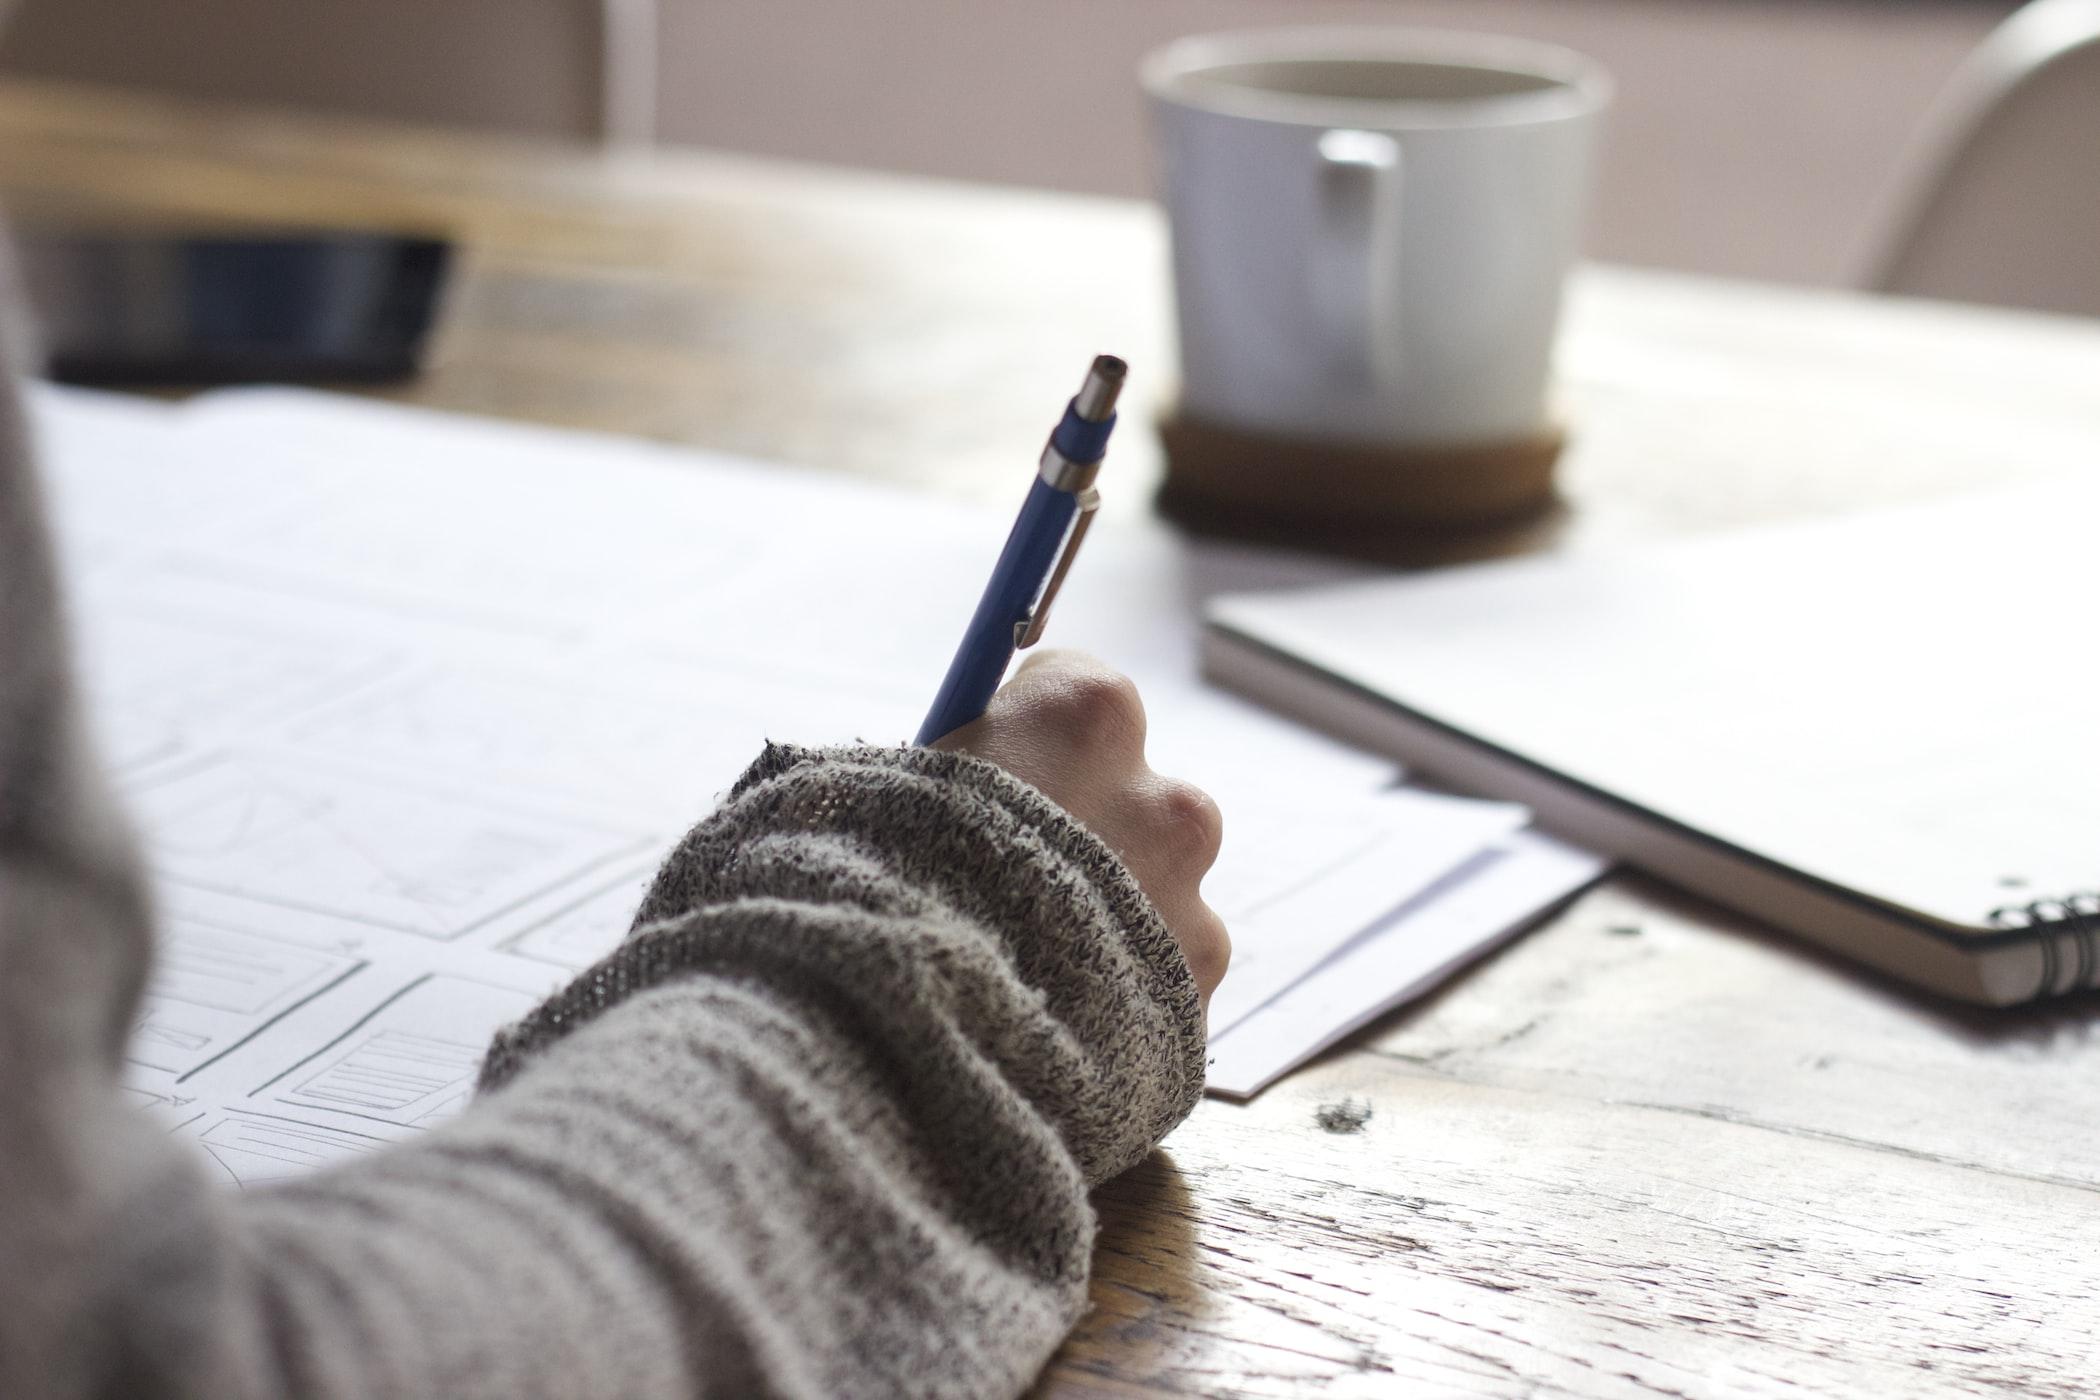 授業中にバレずに内職をするコツ・バレない方法『プリントで勉強をする』